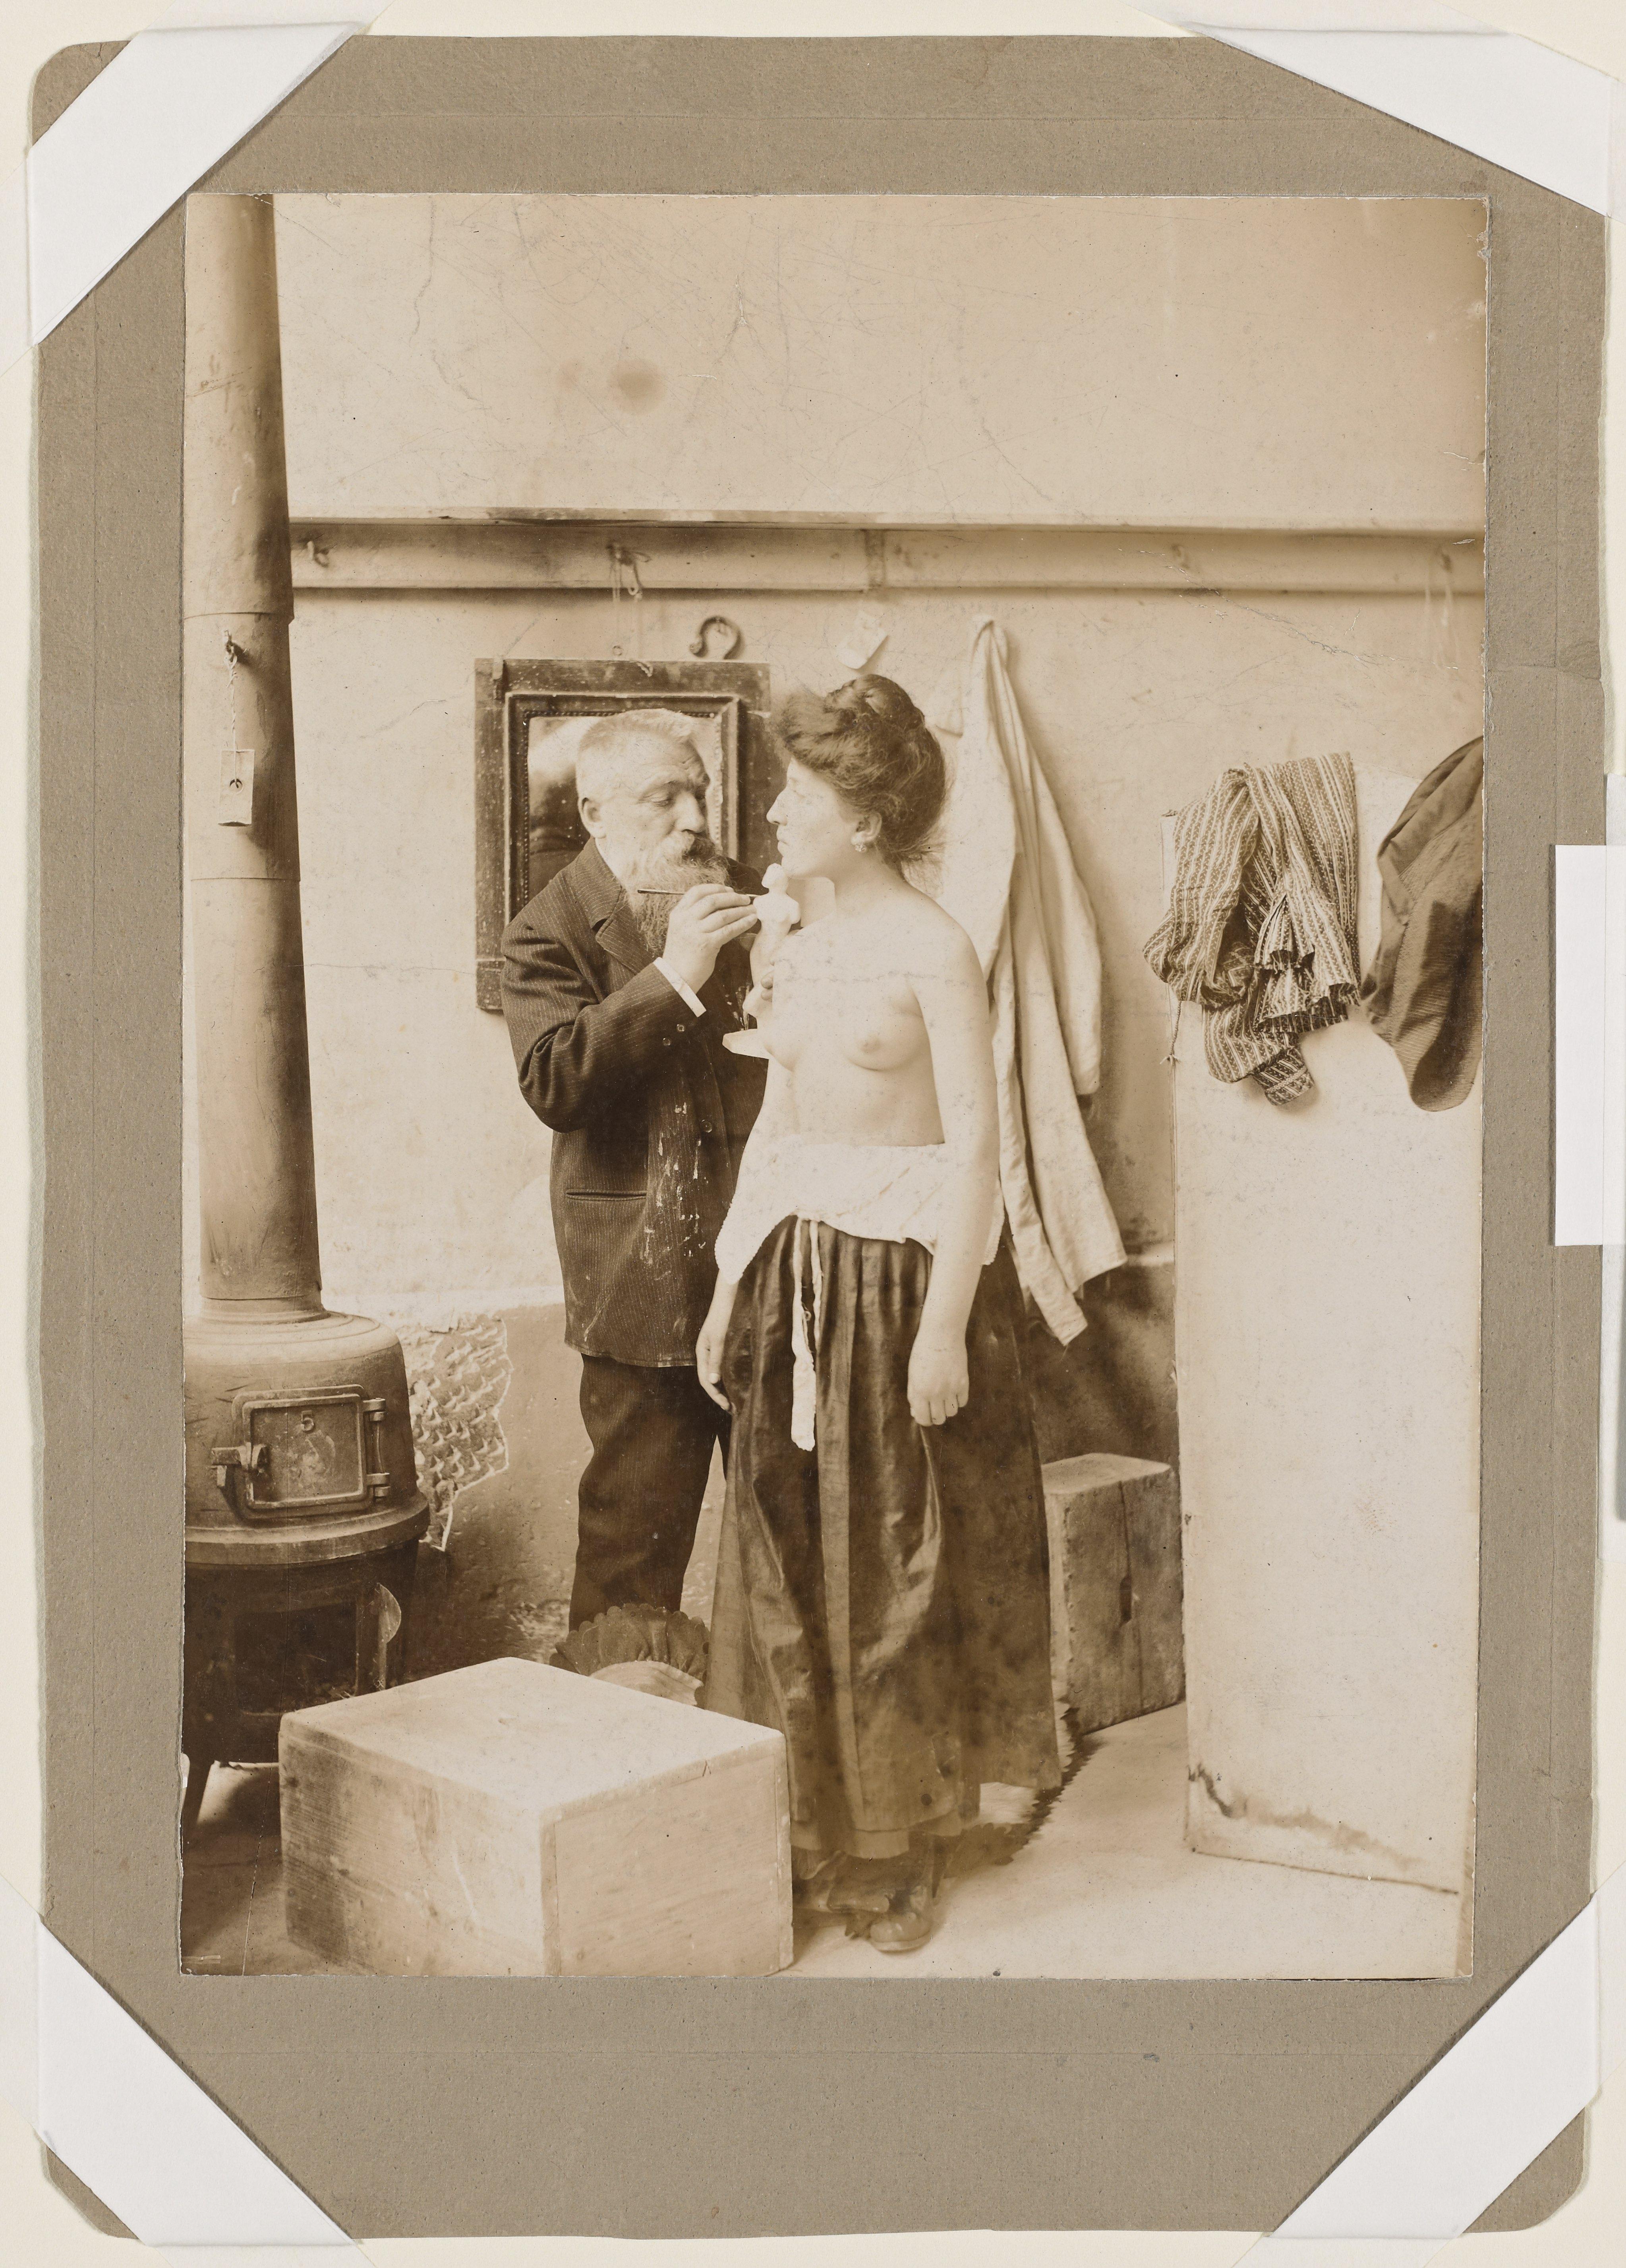 Duchêne, Rodin travaillant d'après un modèle féminin torse nu, vers 1895, épreuve sur papier albuminé, H. 22,5 cm ; L. 16,3 cm, ph.2005, collection musée Rodin